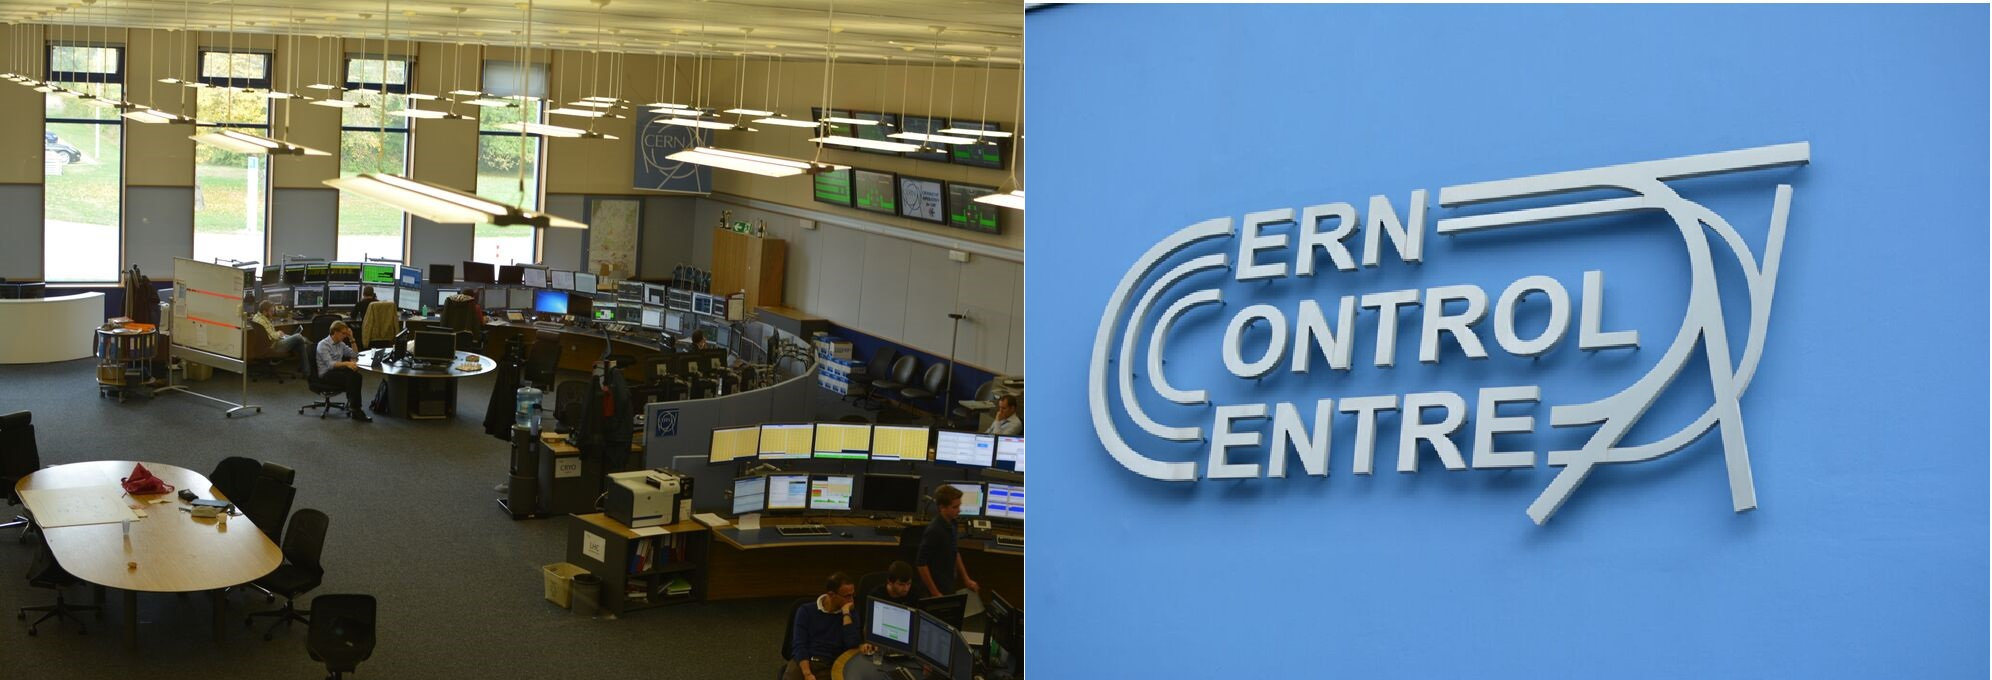 Vedci pri práci v kontrolnom centre CERNu. FOTO – Martina Hestericová, Marcel Serina